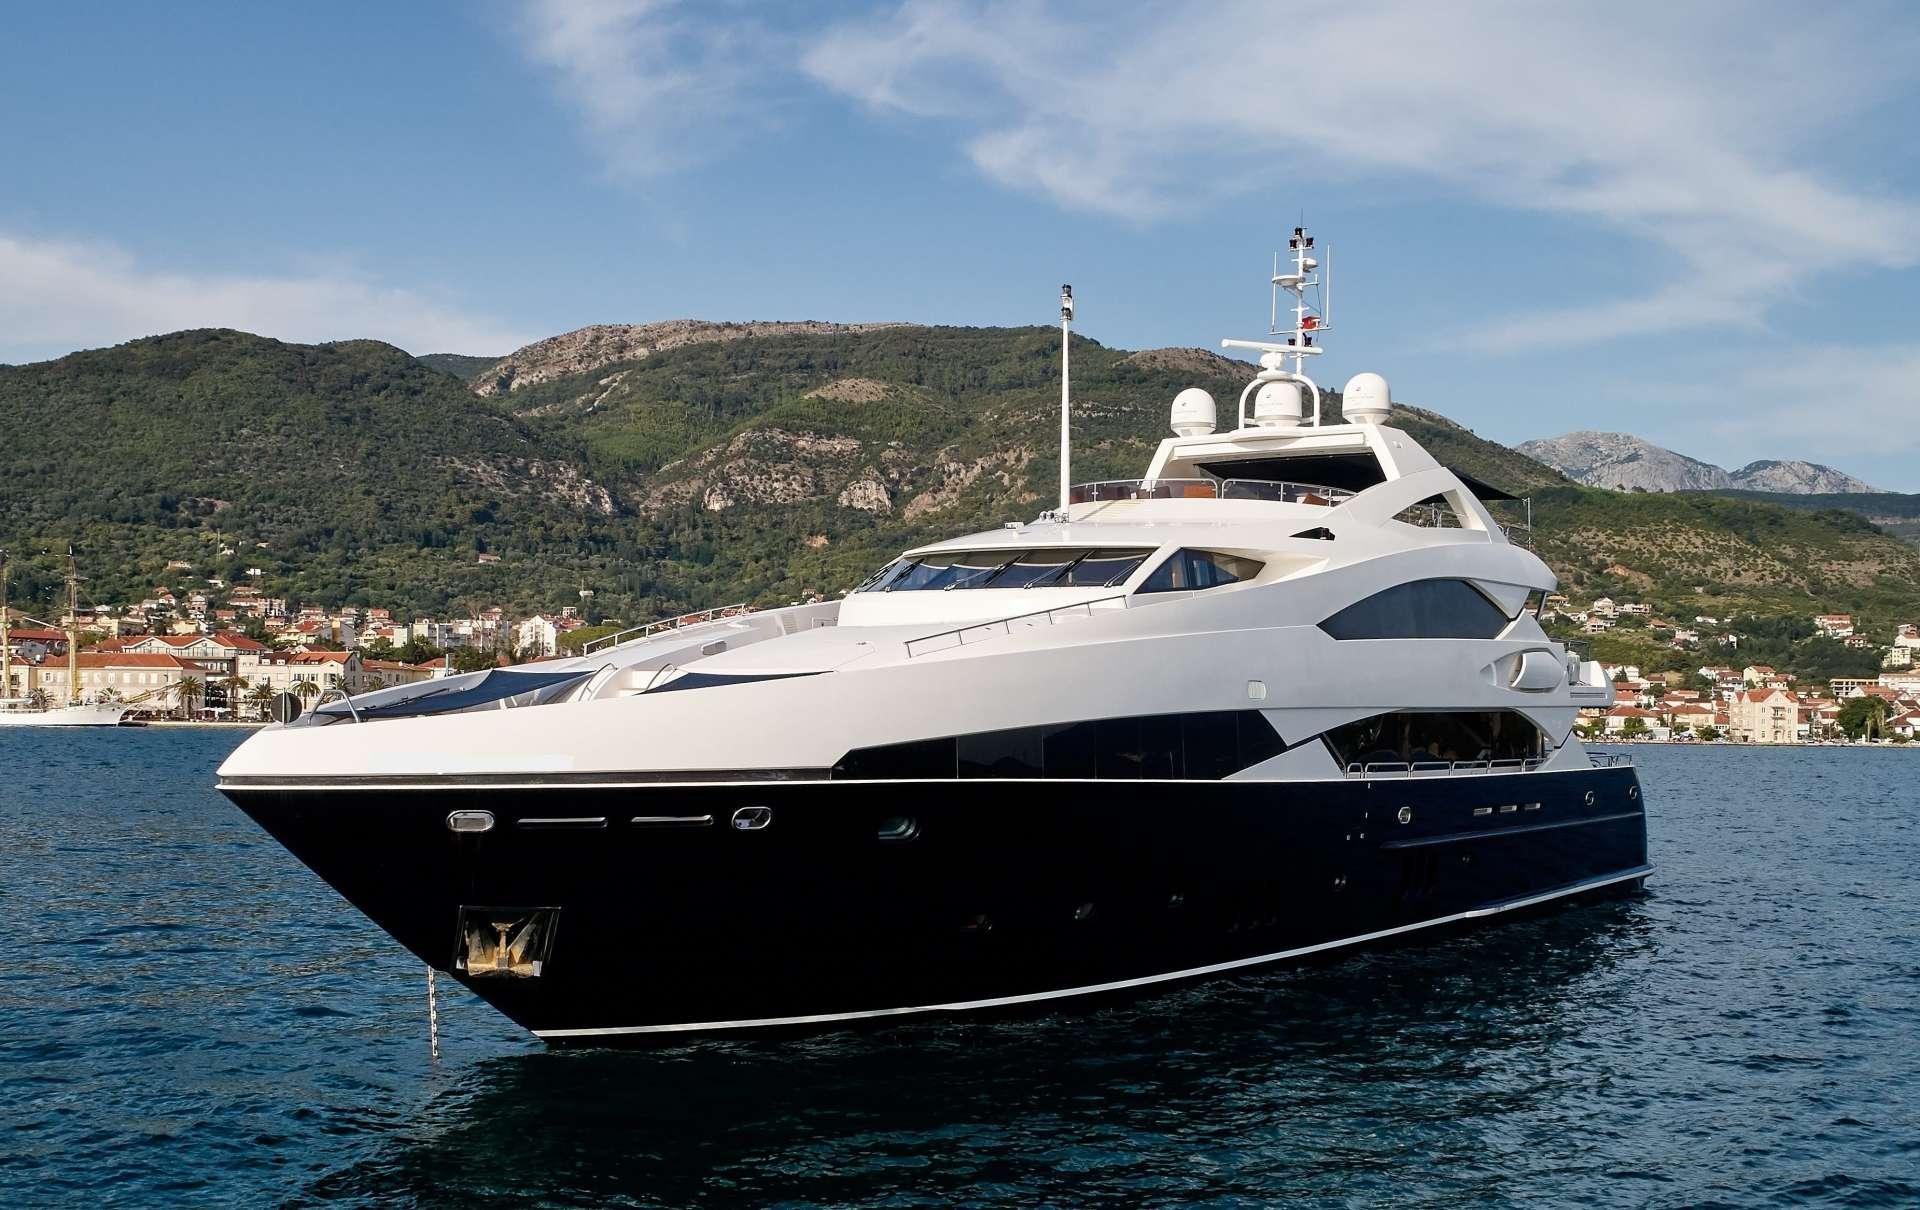 Main image of BARACUDA yacht